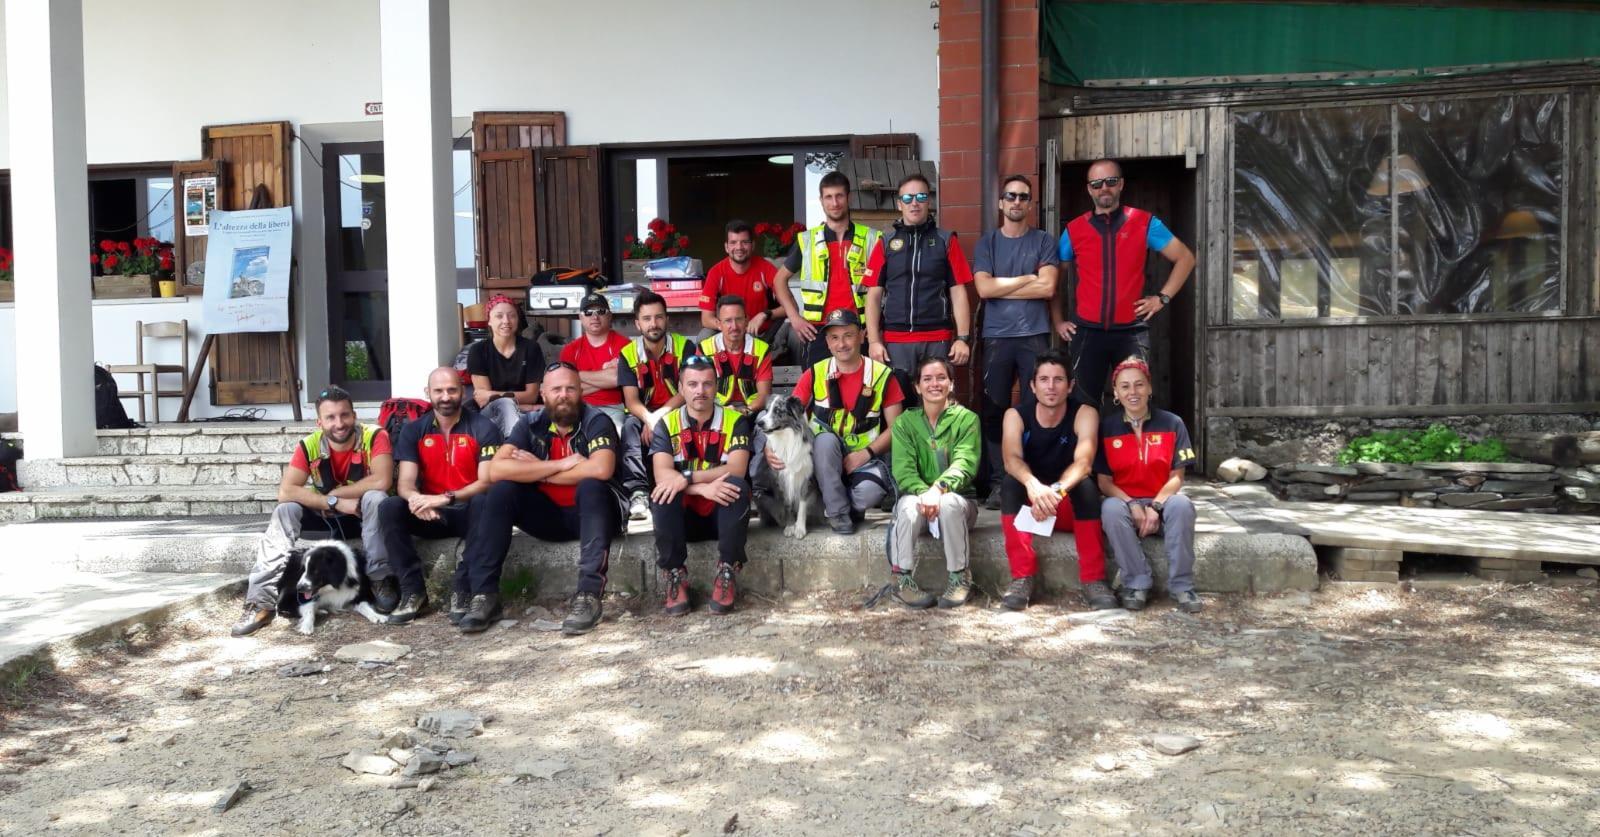 Esercitazione della Stazione Carrara Lunigiana con l'ausilio delle unità cinofile del servizio regionale del Soccorso Alpino Toscano